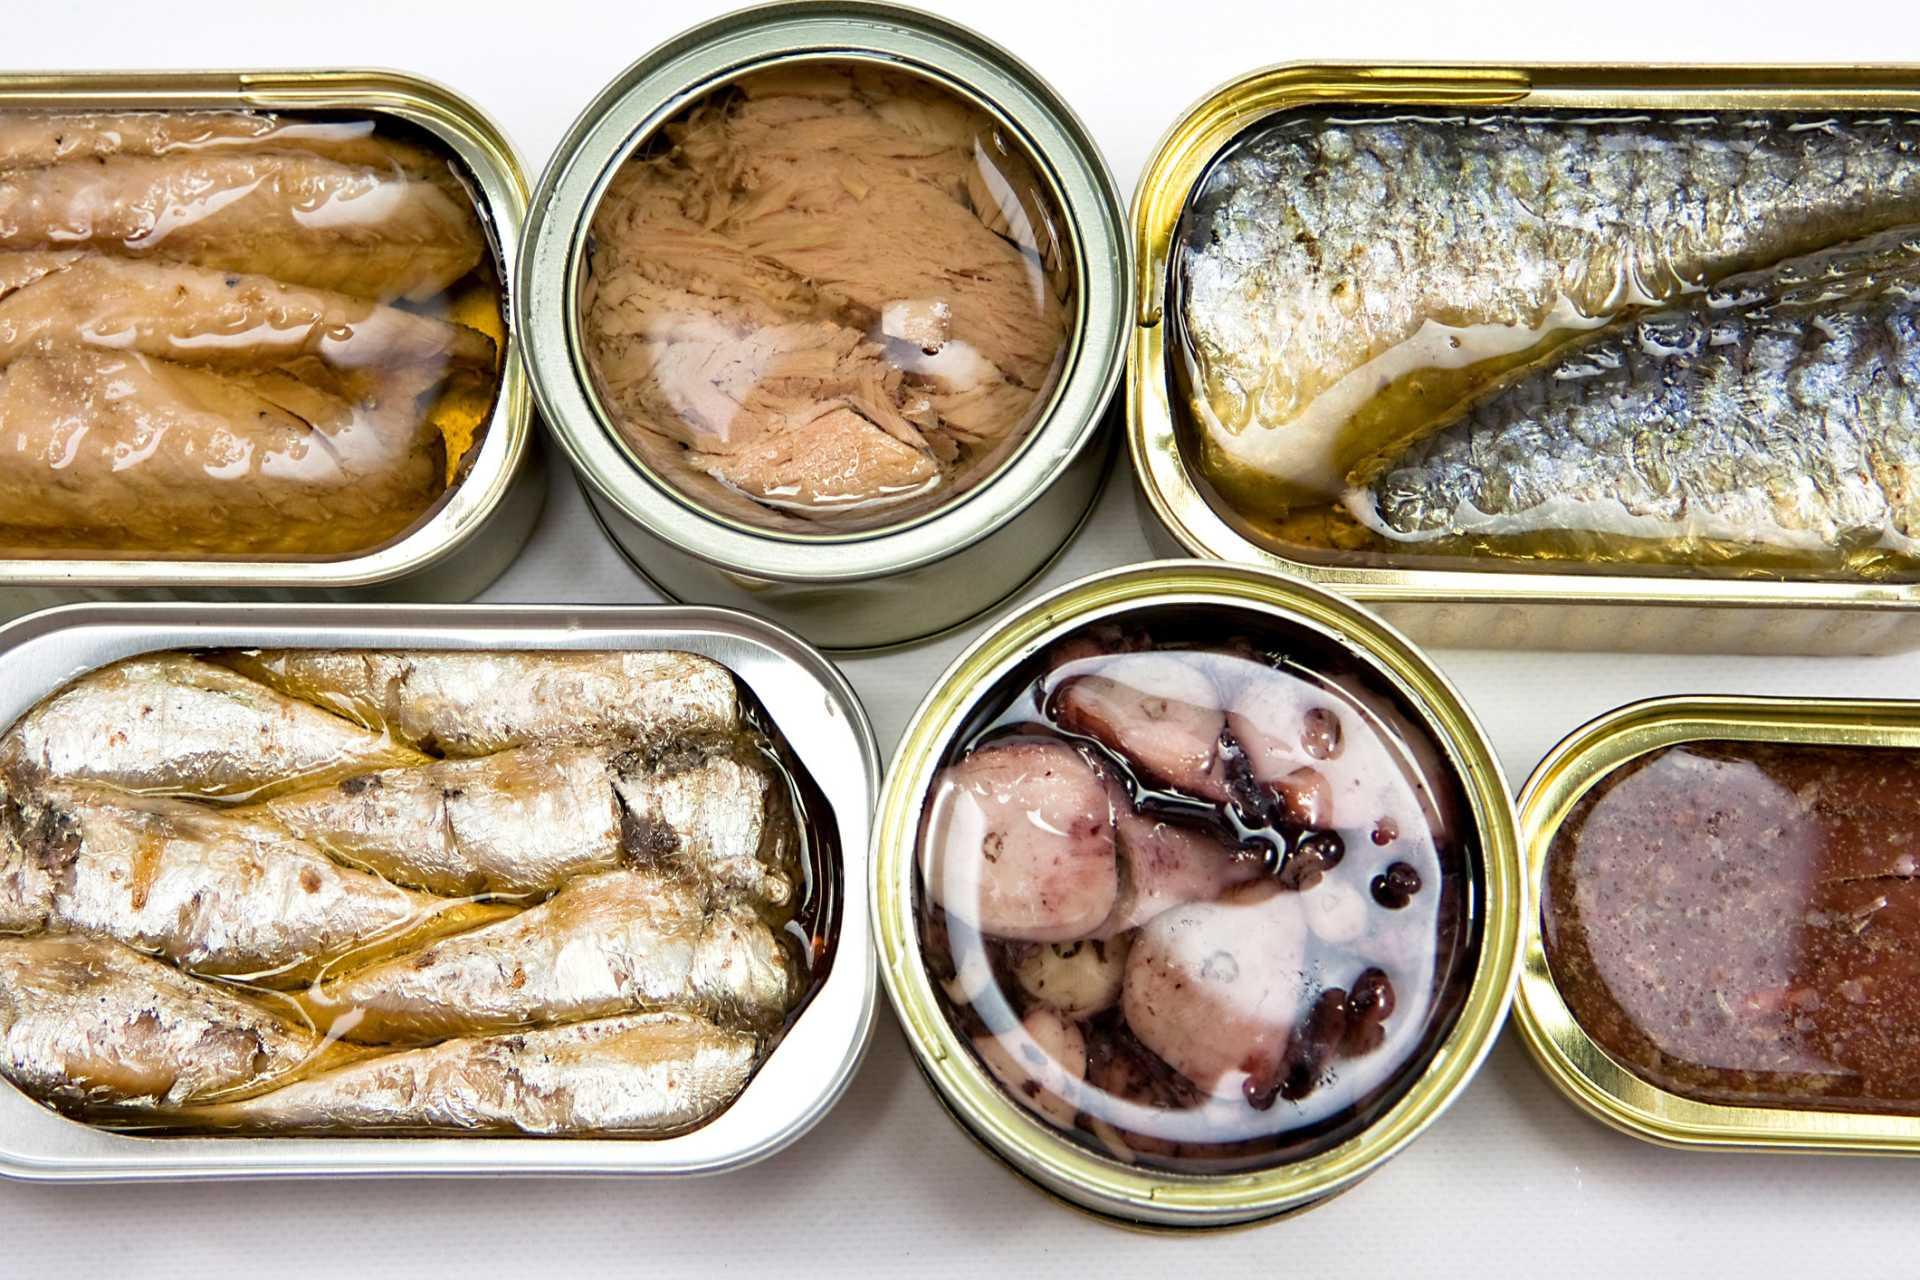 Не все консервные банки безопасны для пищеварительного тракта